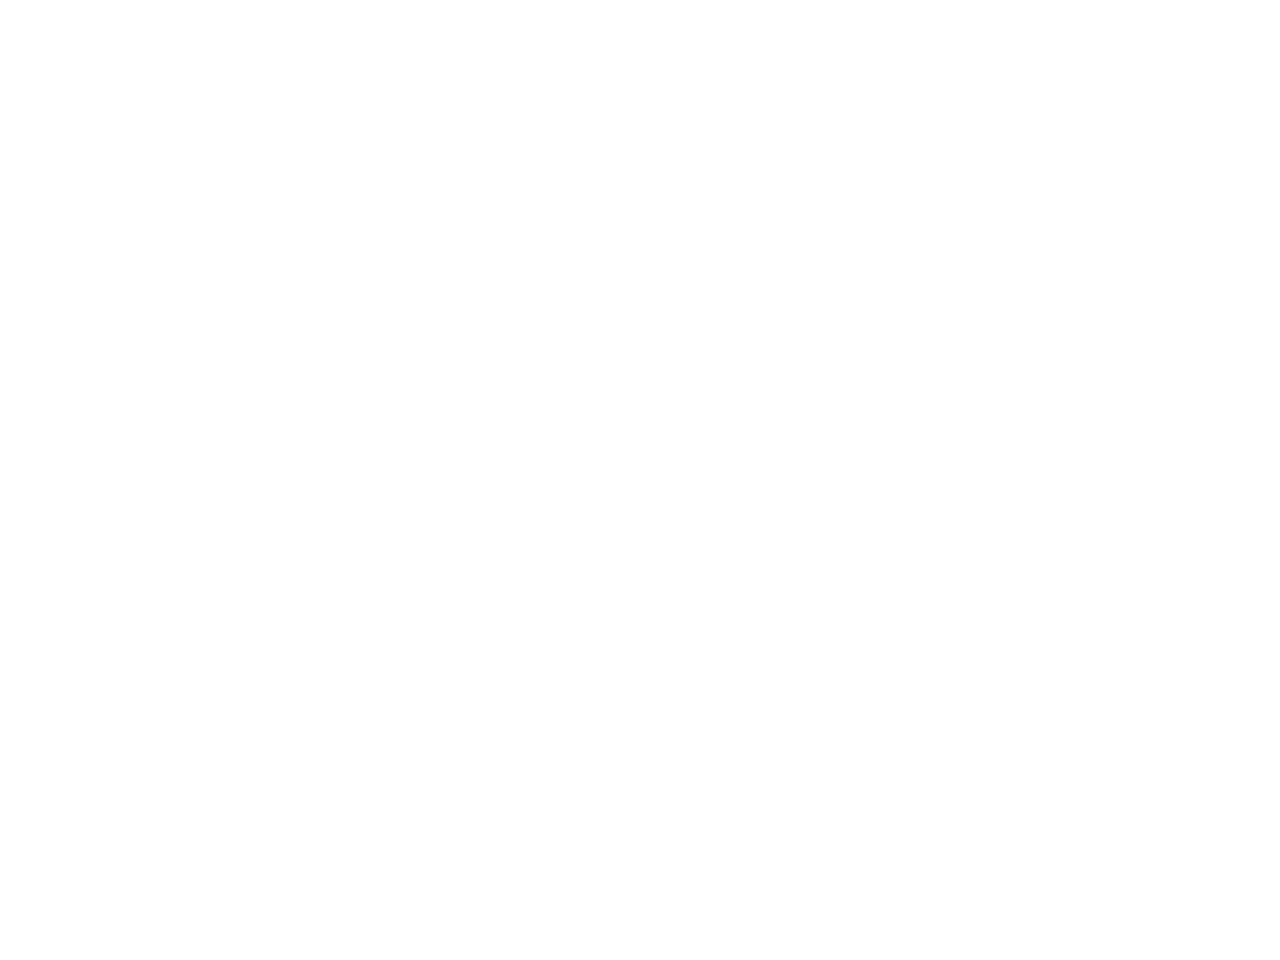 超ミネラル水や岩の泉の通販は【神源水(株)】